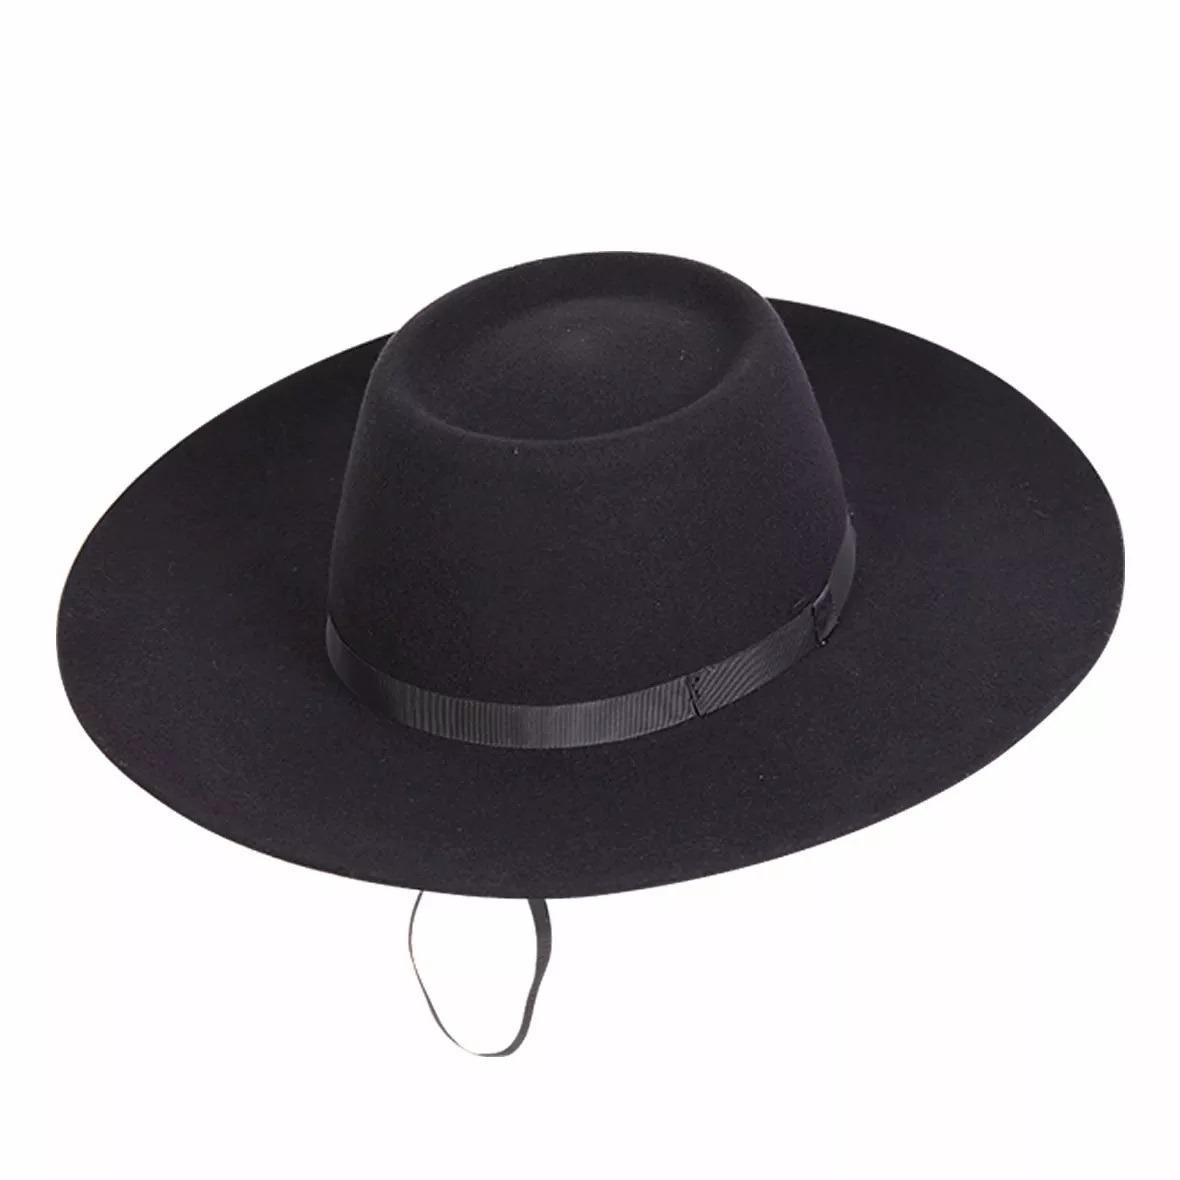 d164f5cd35af0 chapéu pralana campeiro premium preto marrom bege azul. Carregando zoom.